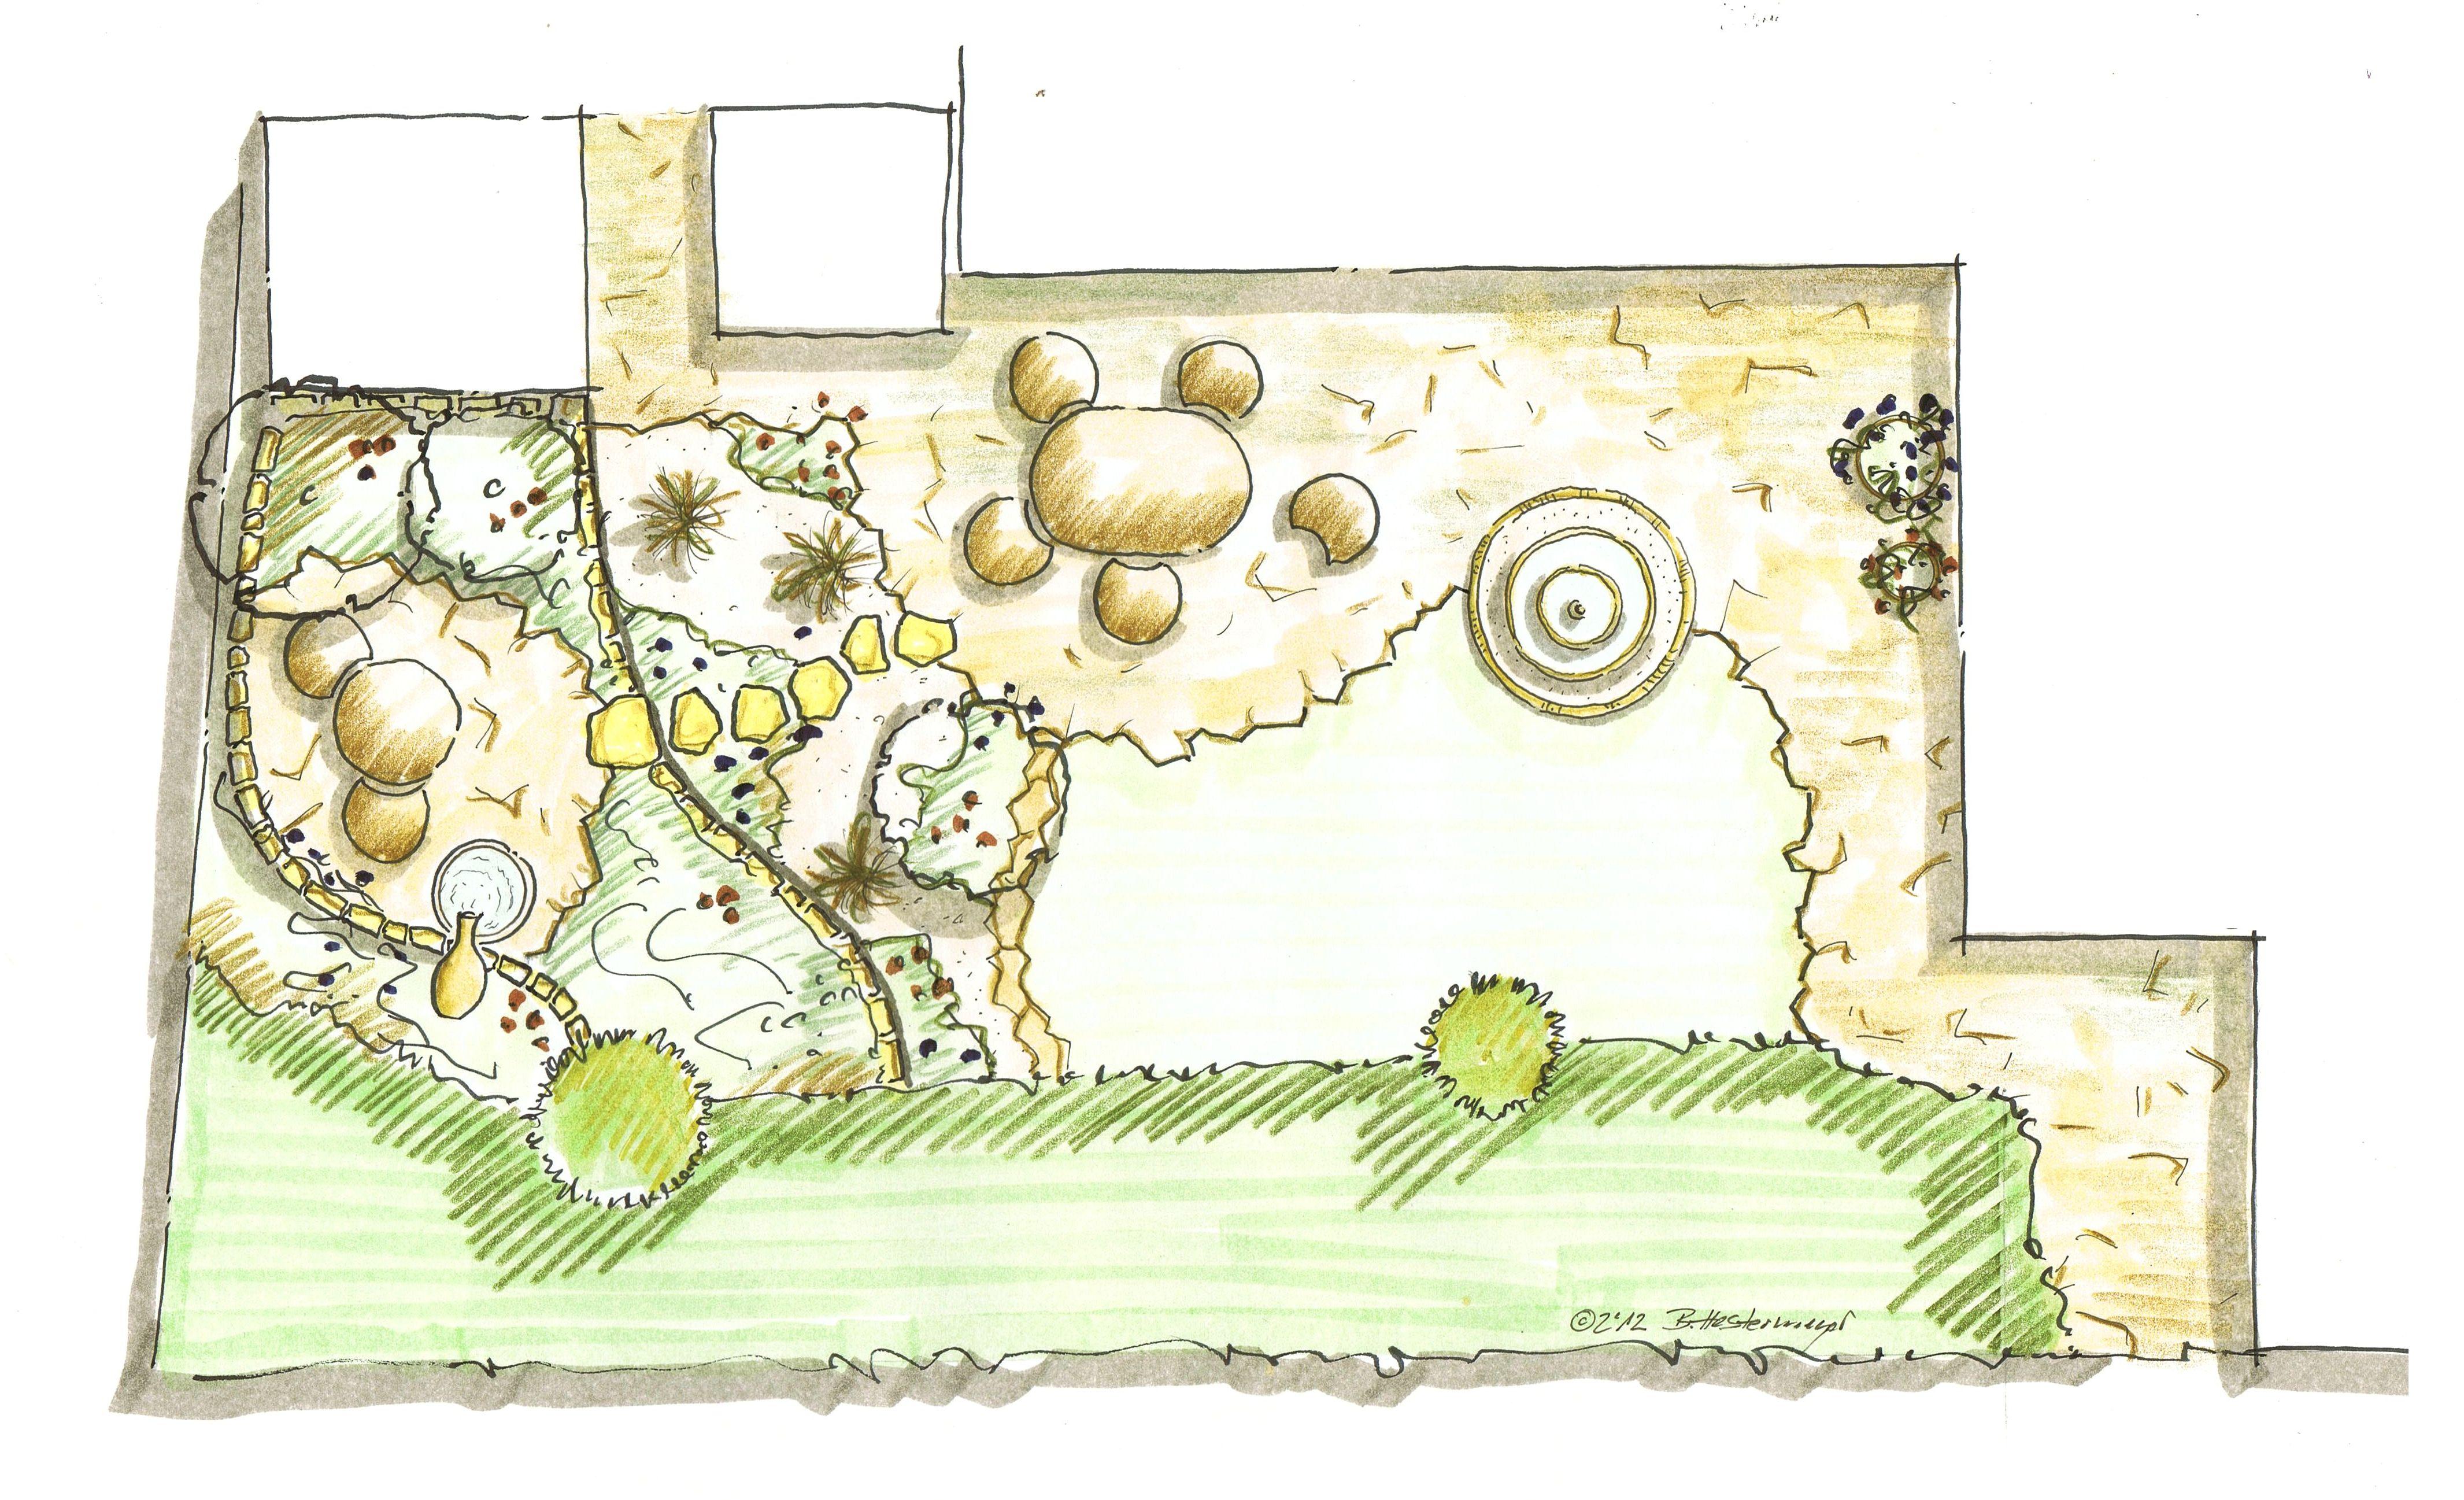 angebot bernd hestermeyer. Black Bedroom Furniture Sets. Home Design Ideas